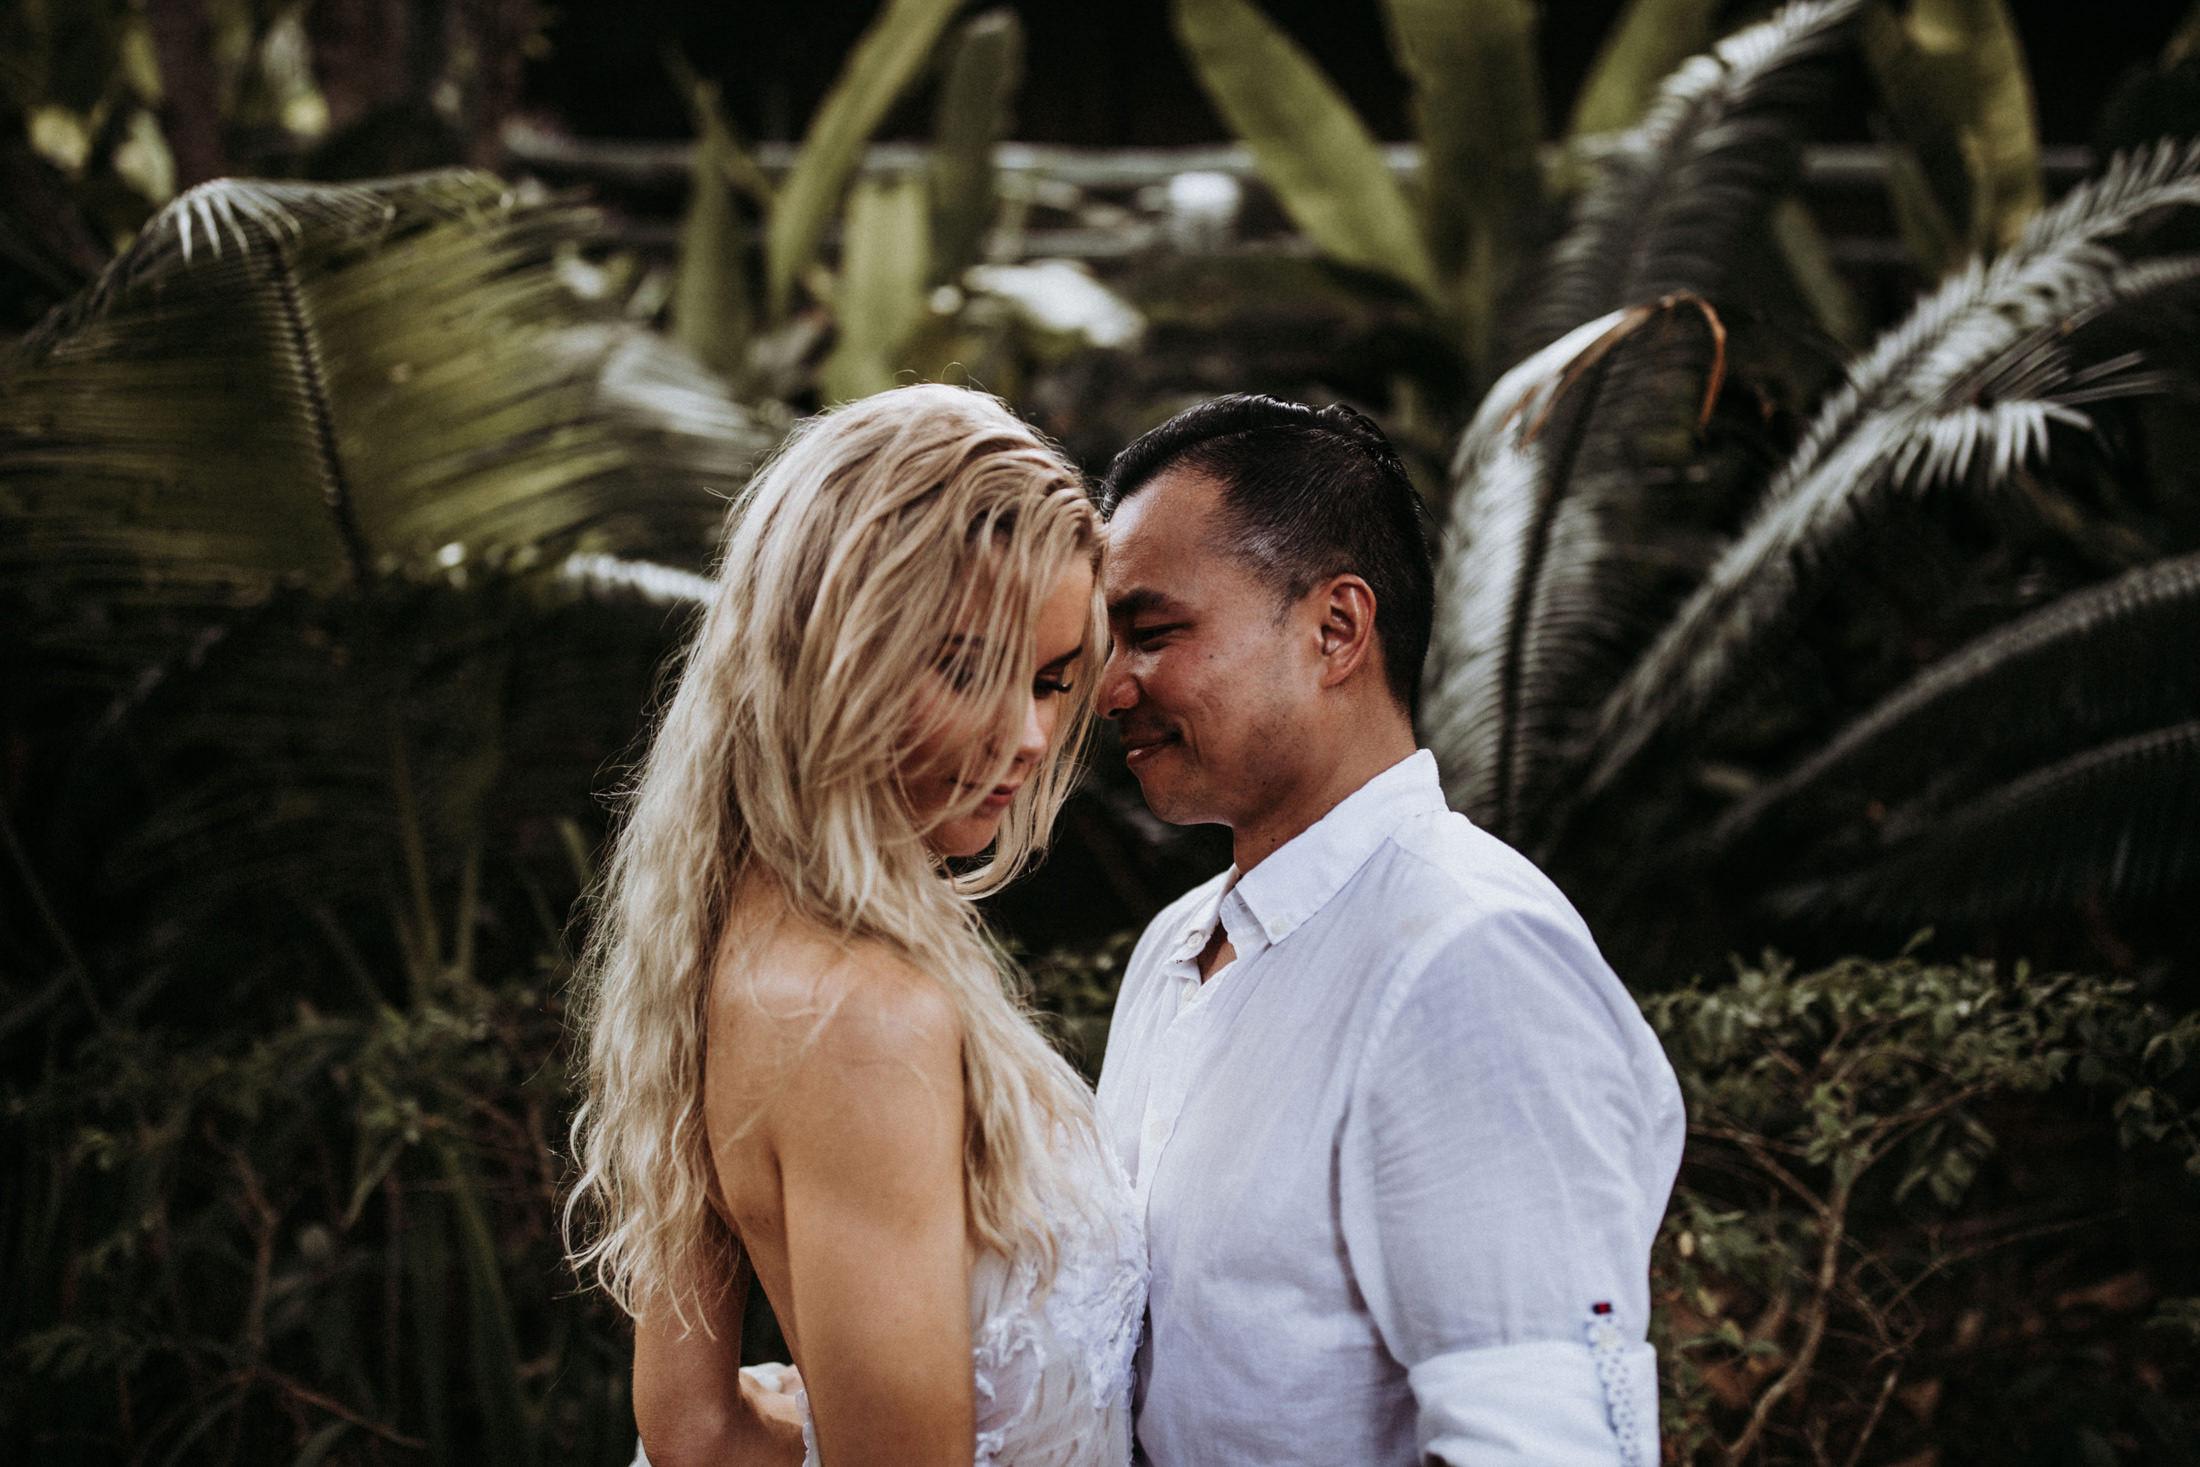 DanielaMarquardt_Wedding_Thailand_475